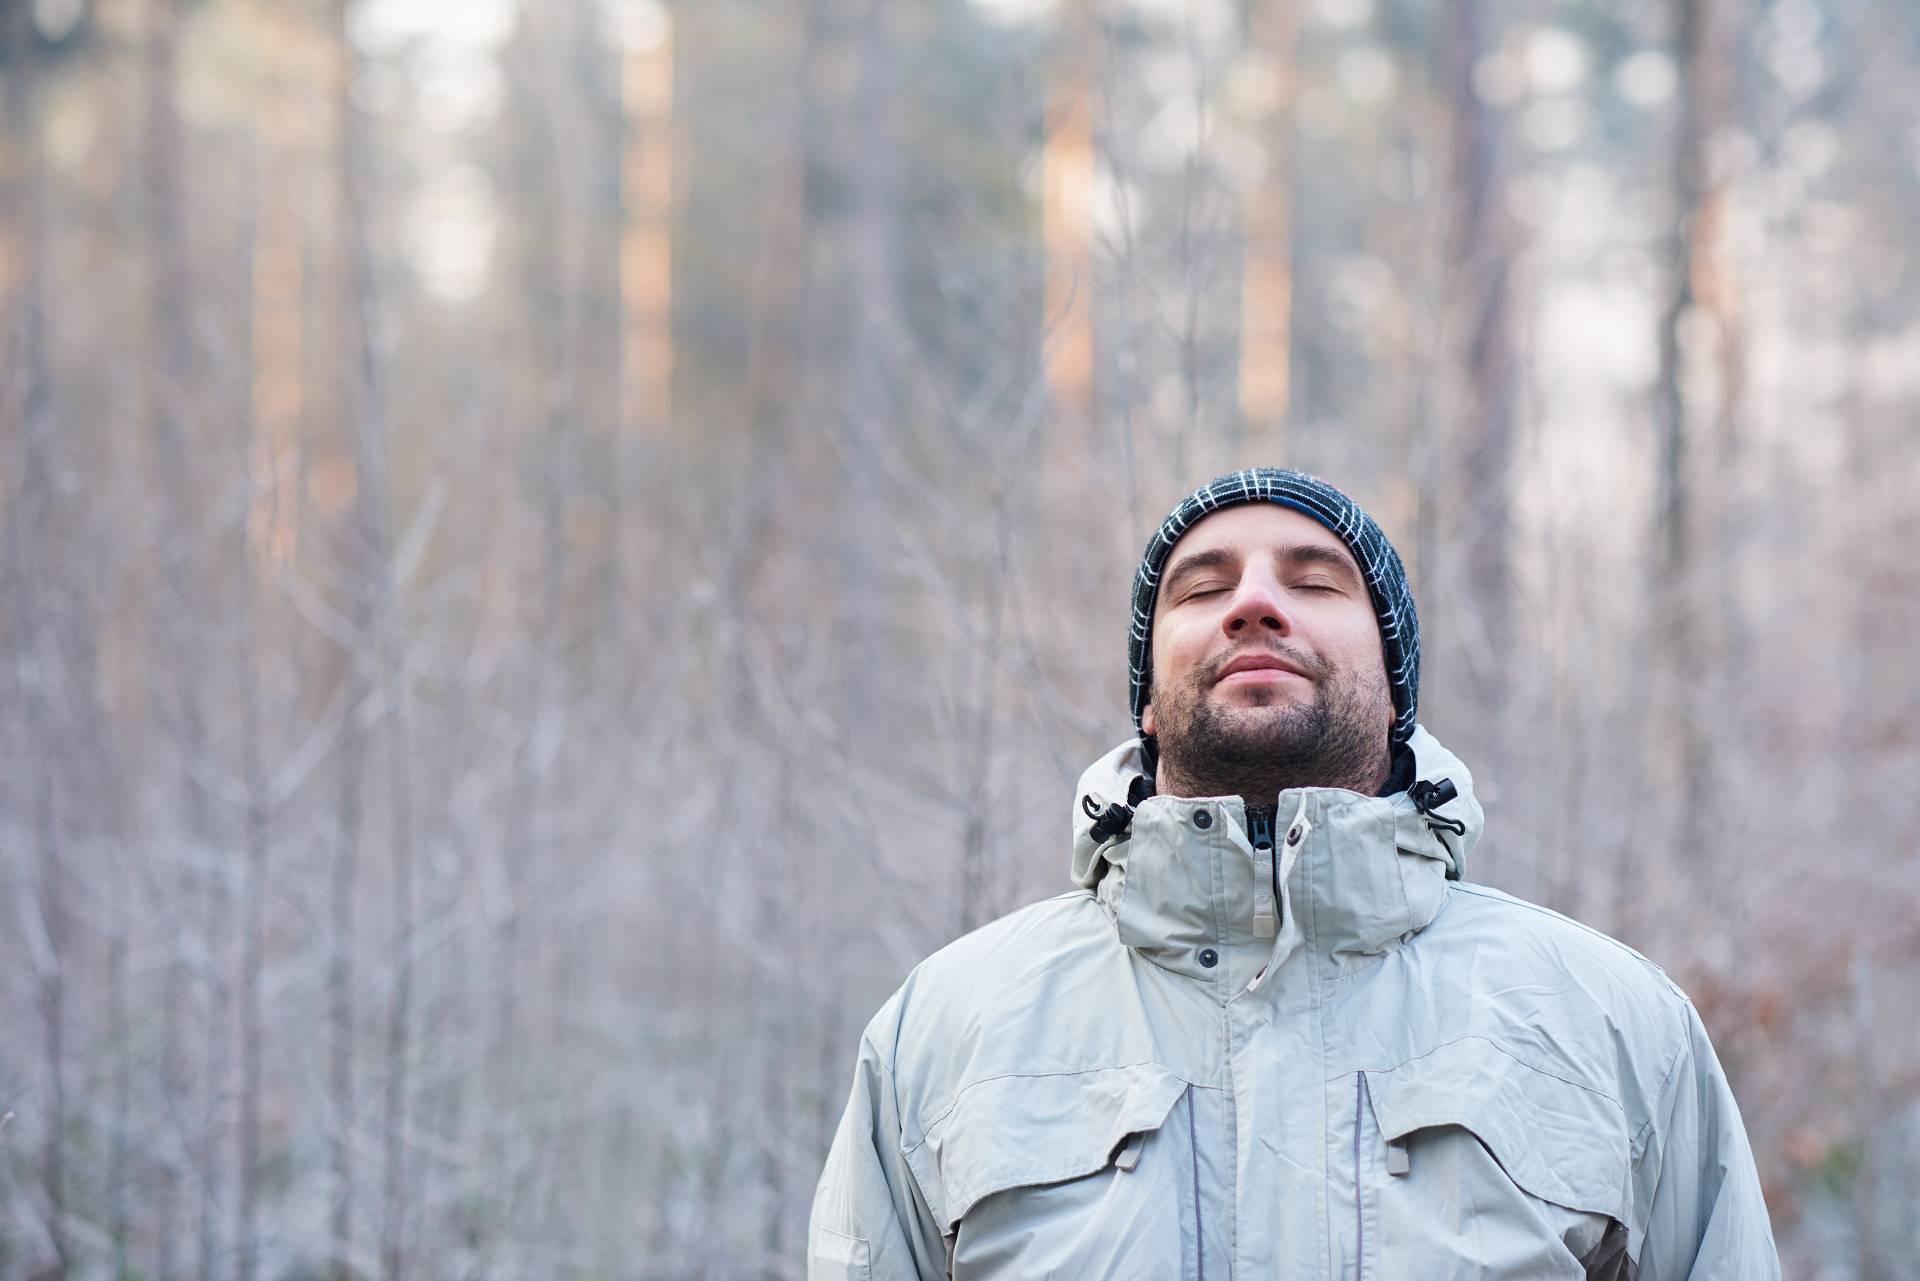 Atmung & Gesundheit: Was uns die Wim-Hof-Methode lehren kann